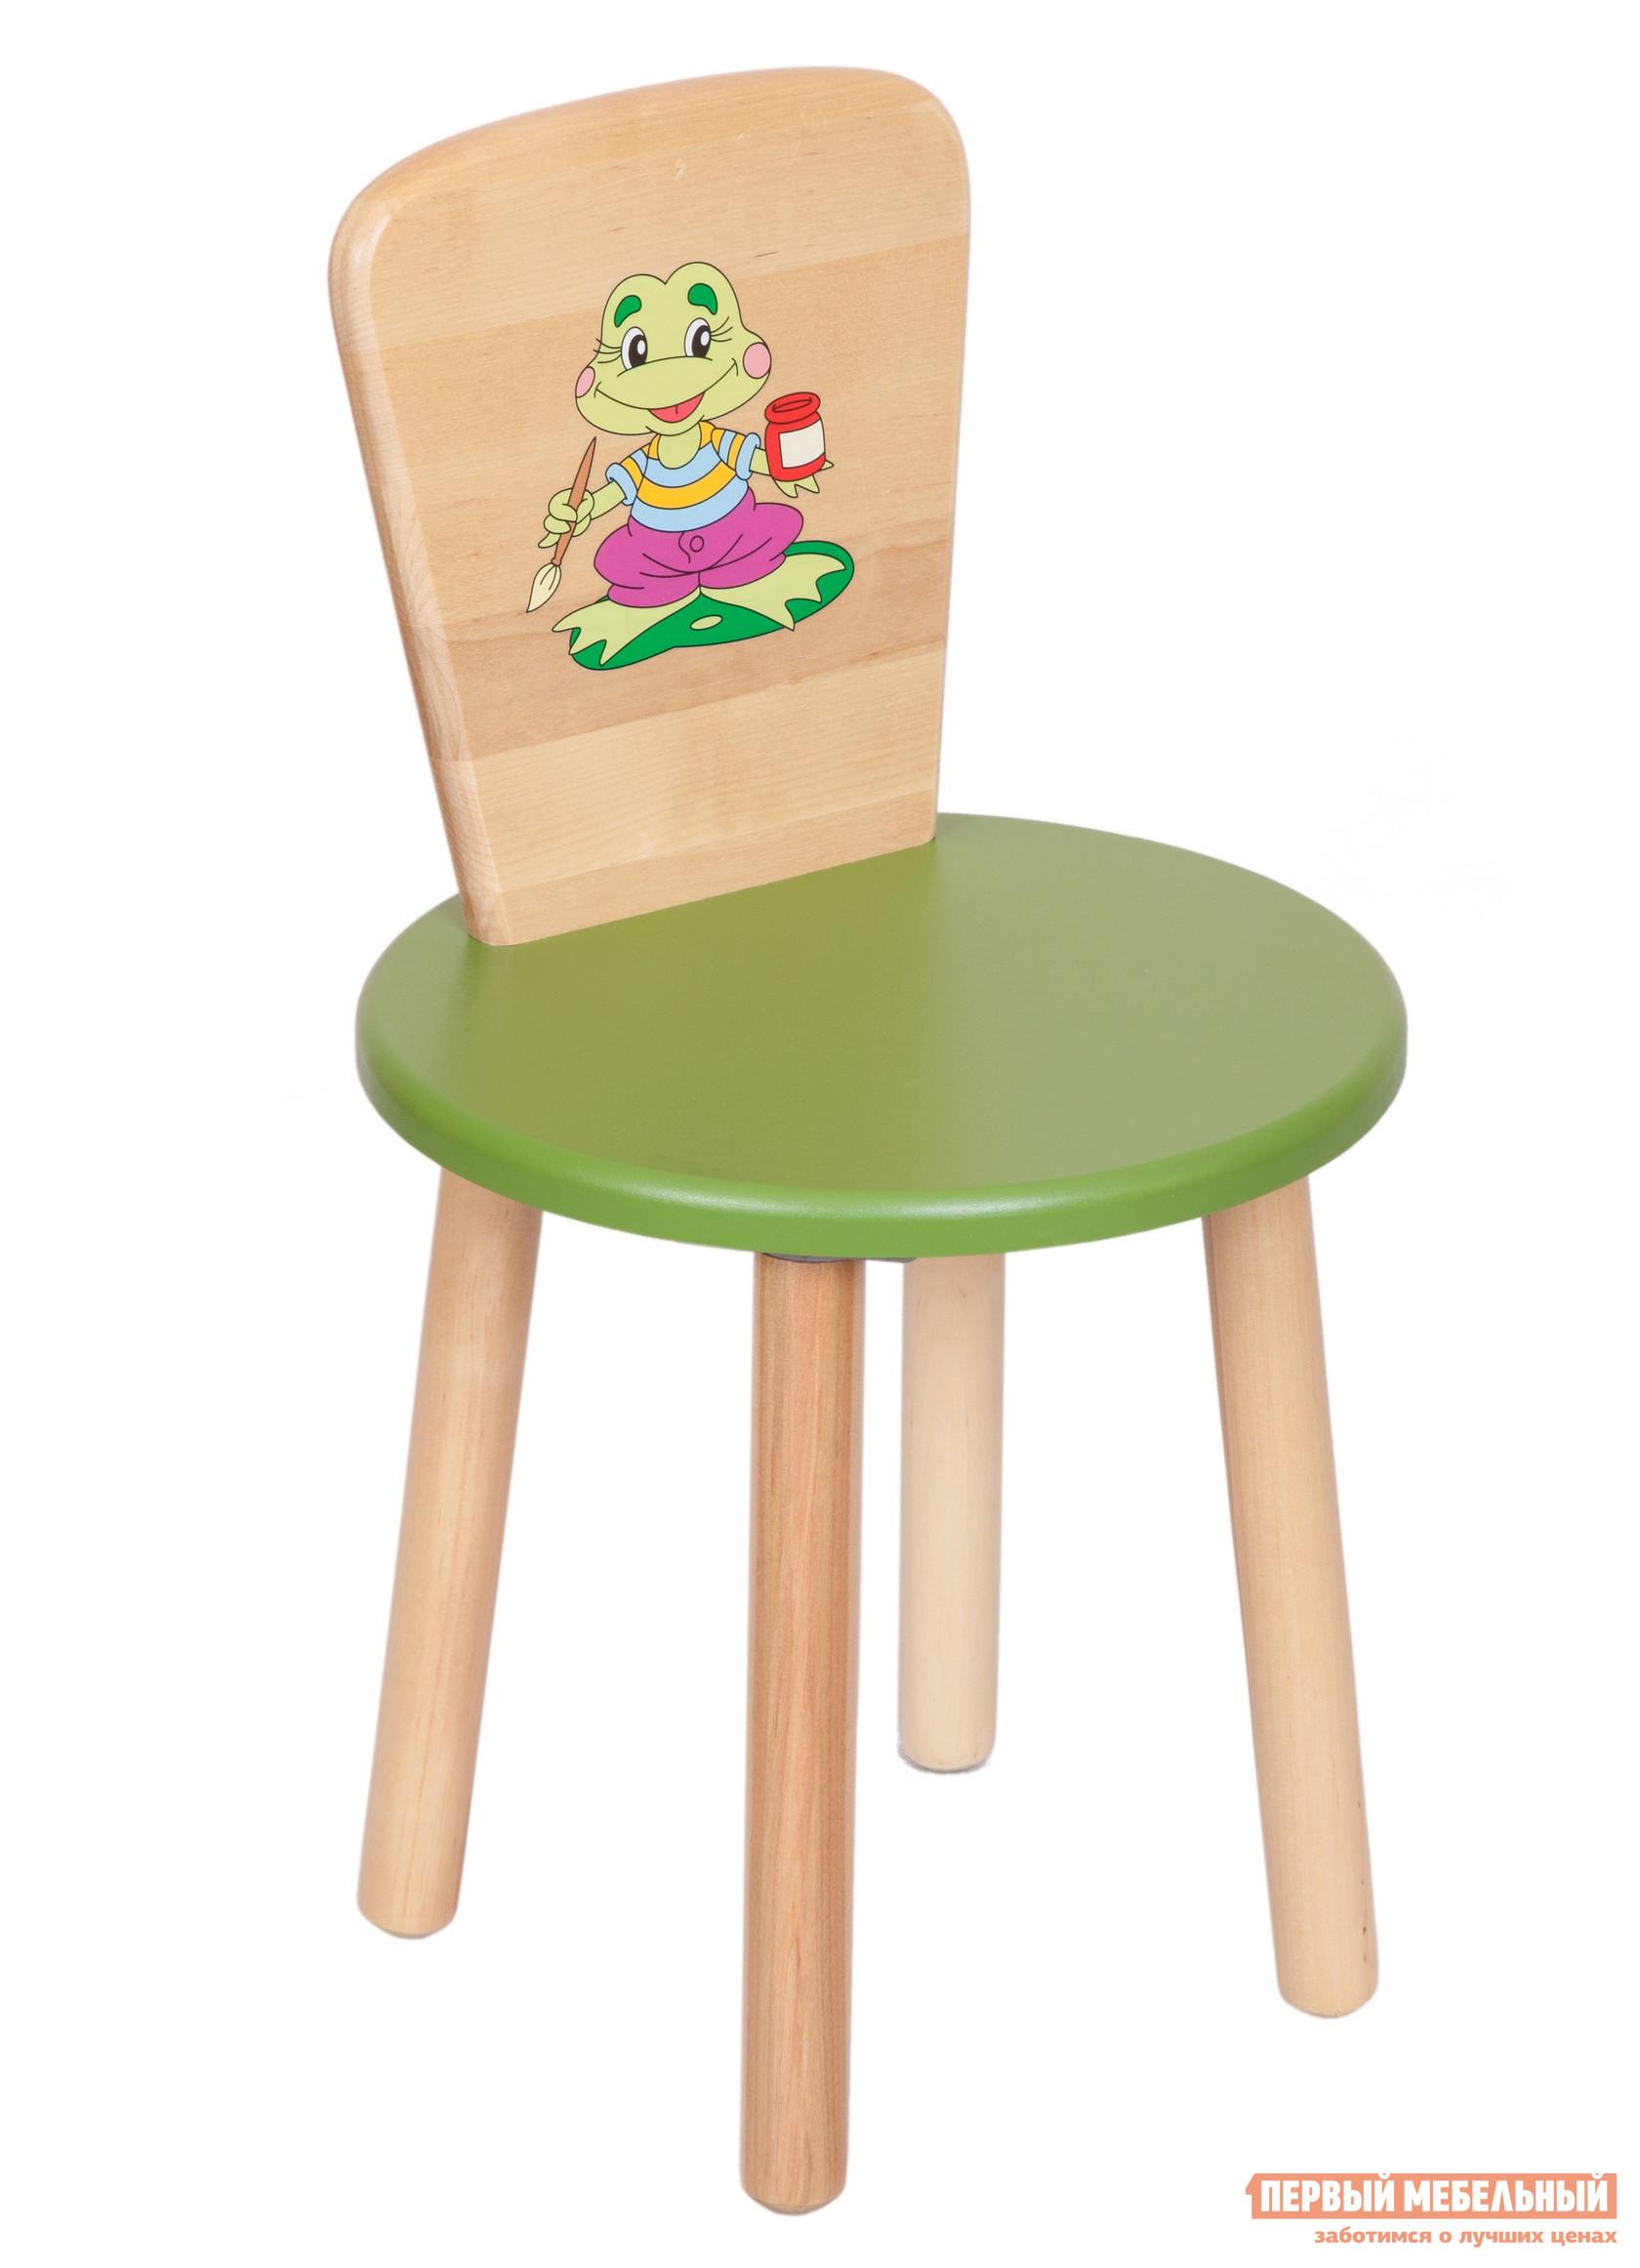 Столик и стульчик РусЭкоМебель Стул Круглый ЭКО Эко зеленый, рис. Лягушонок